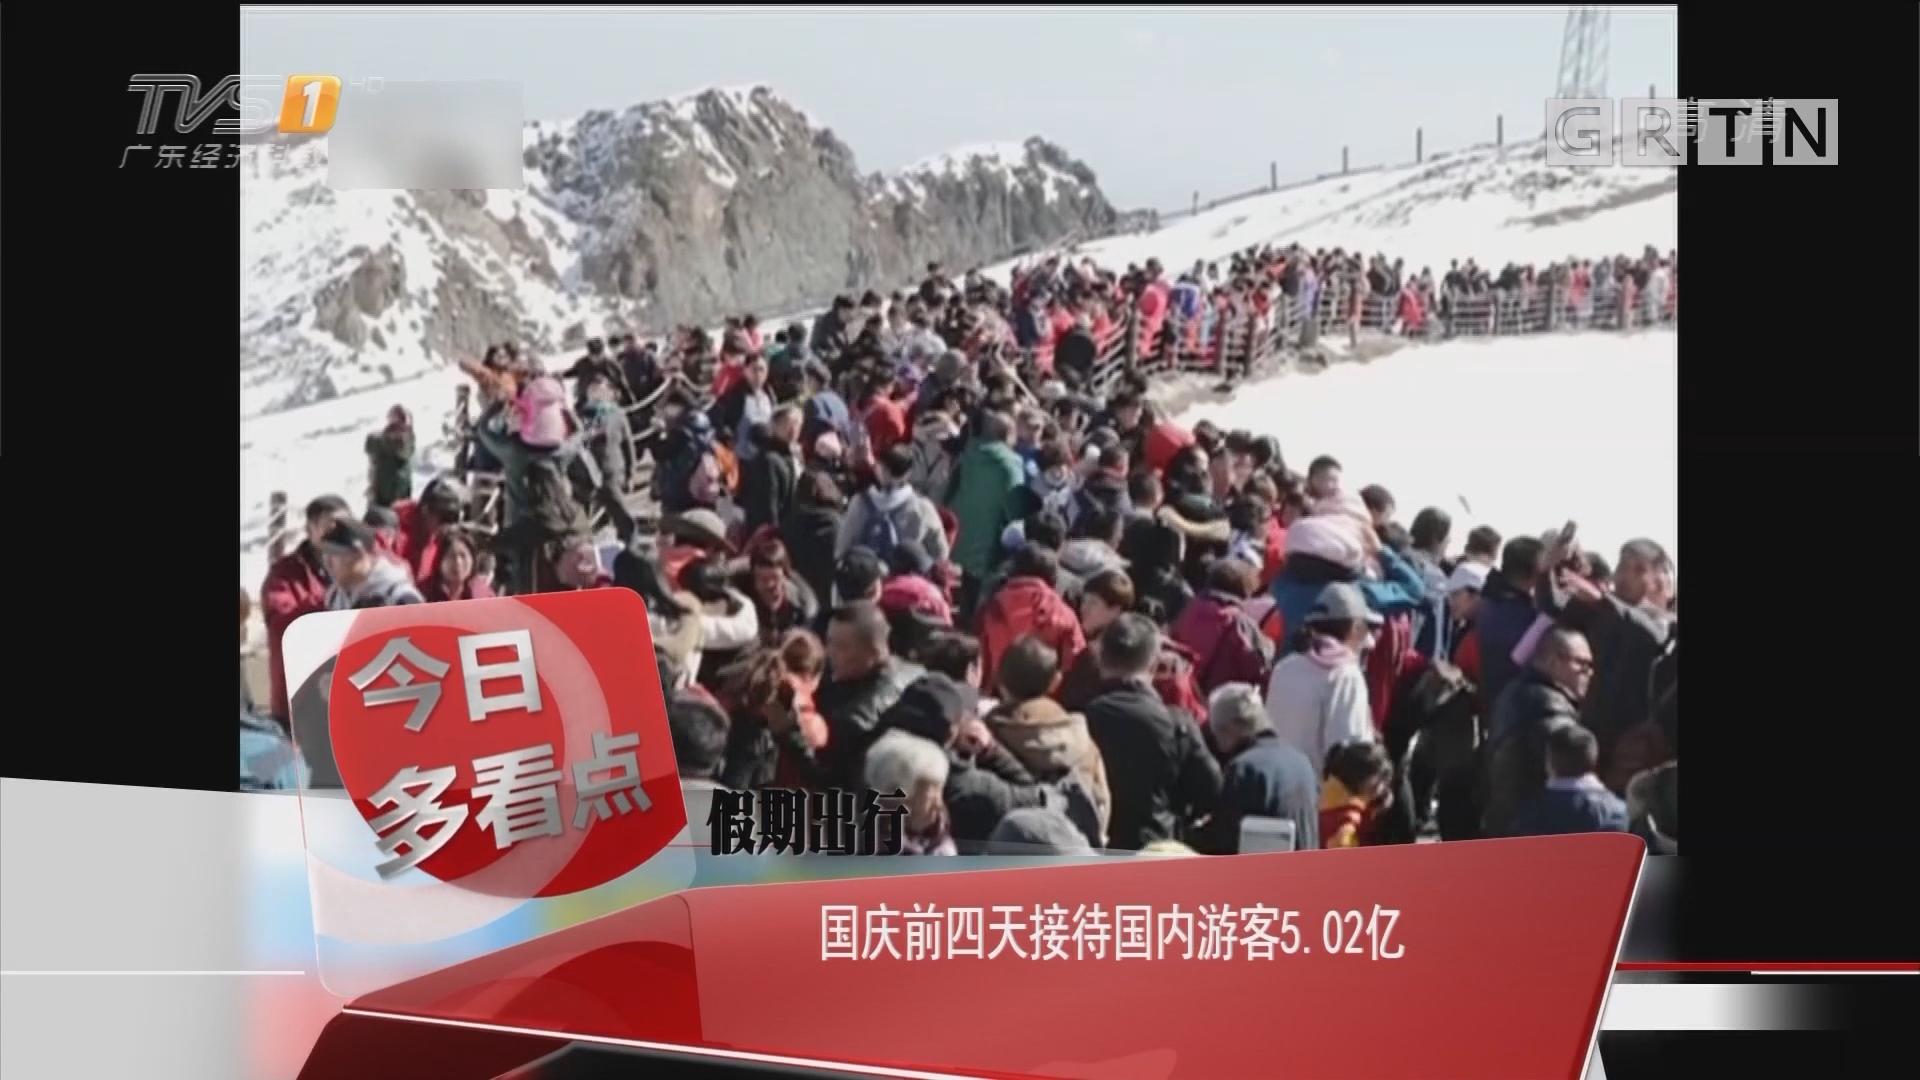 假期出行:国庆前四天接待国内游客5.02亿